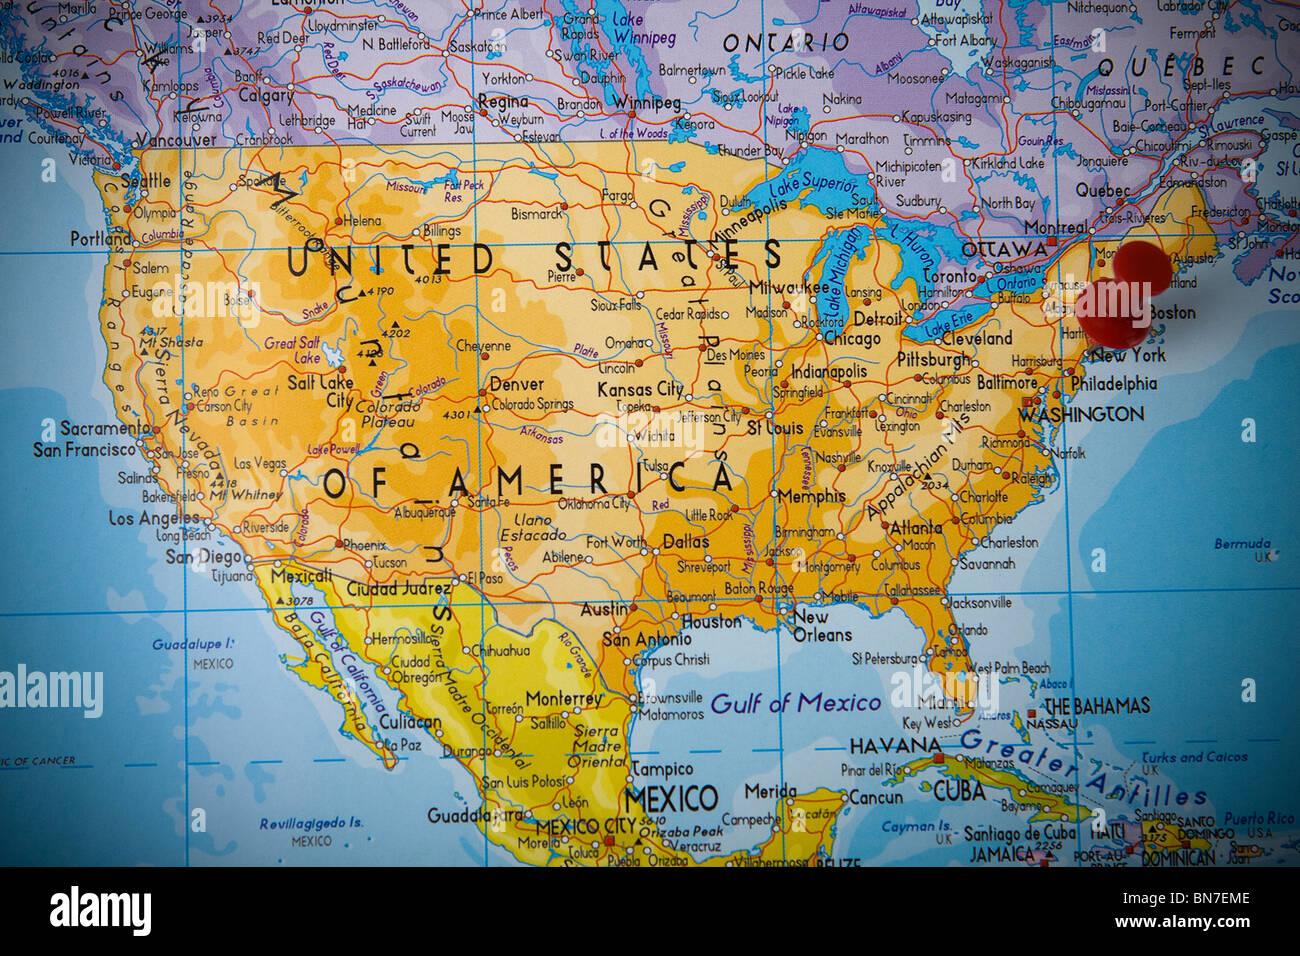 Amerika Karte New York.Kleinen Pin Zeigt Auf New York Karte Der Vereinigten Staaten Von